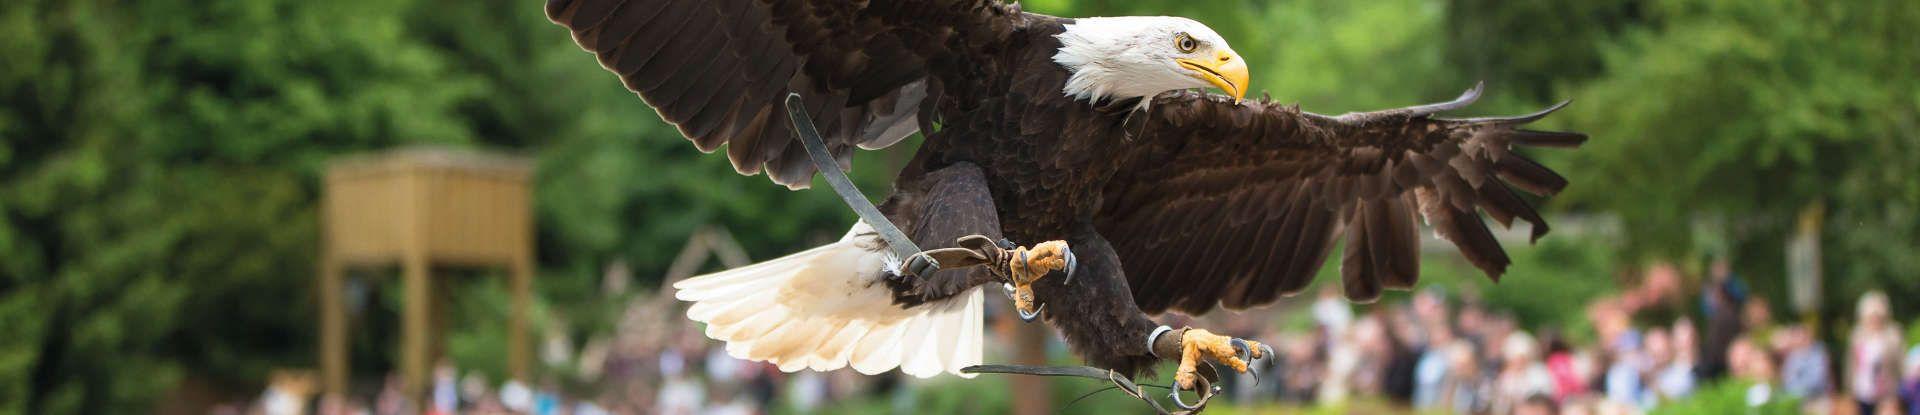 Adler im Wildpark Lüneburger Heide